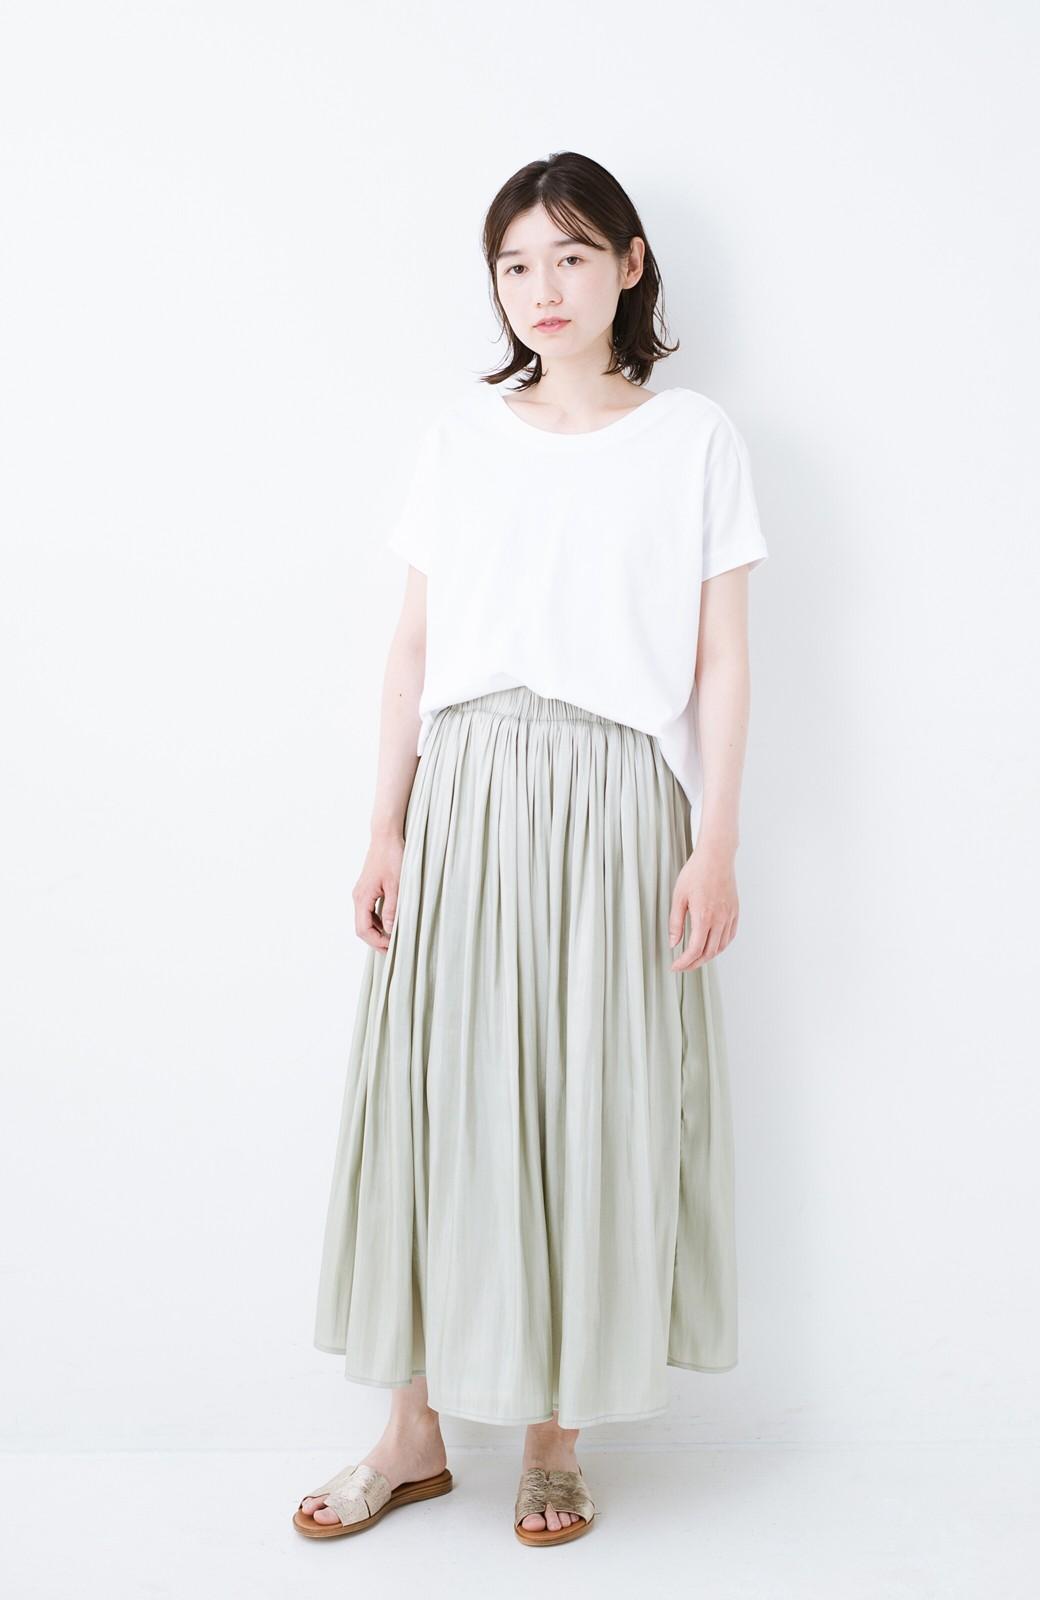 haco! 【再入荷】1枚でも重ね着にも便利なキラキラ素材がかわいいロングスカート by laulea <グリーン>の商品写真5